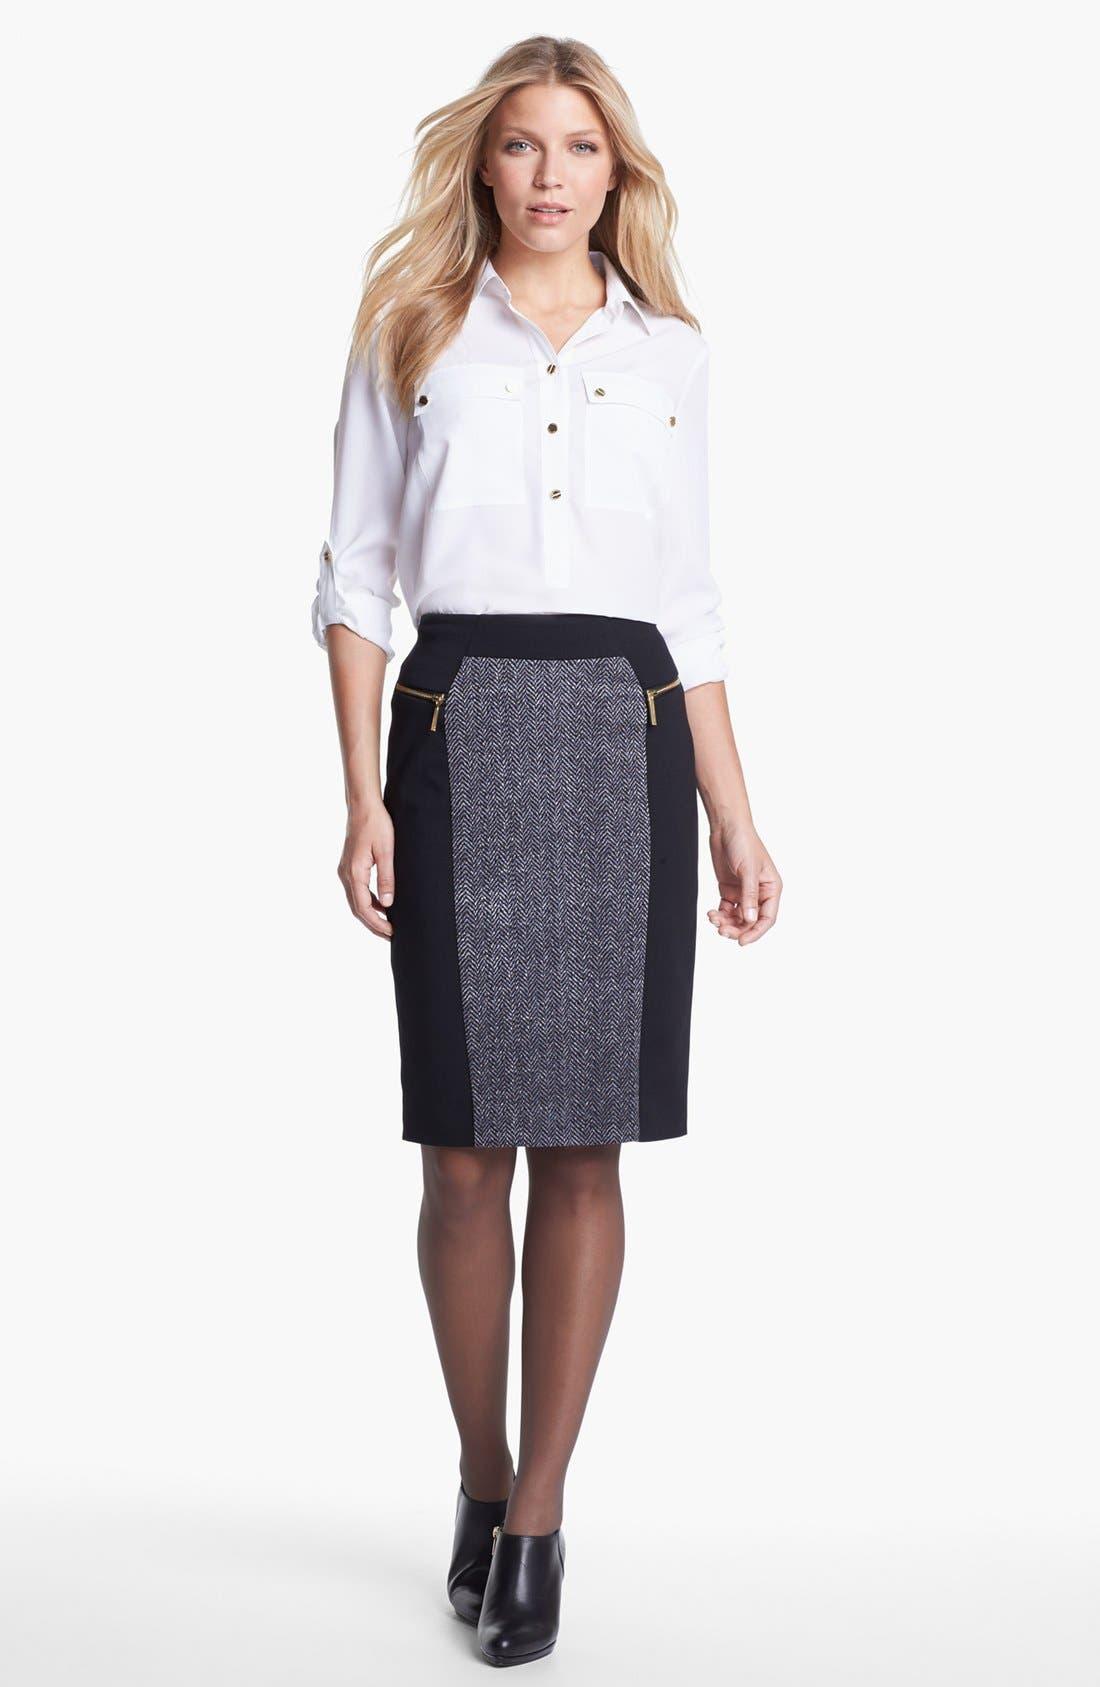 Alternate Image 1 Selected - MICHAEL Michael Kors Blouse & Skirt